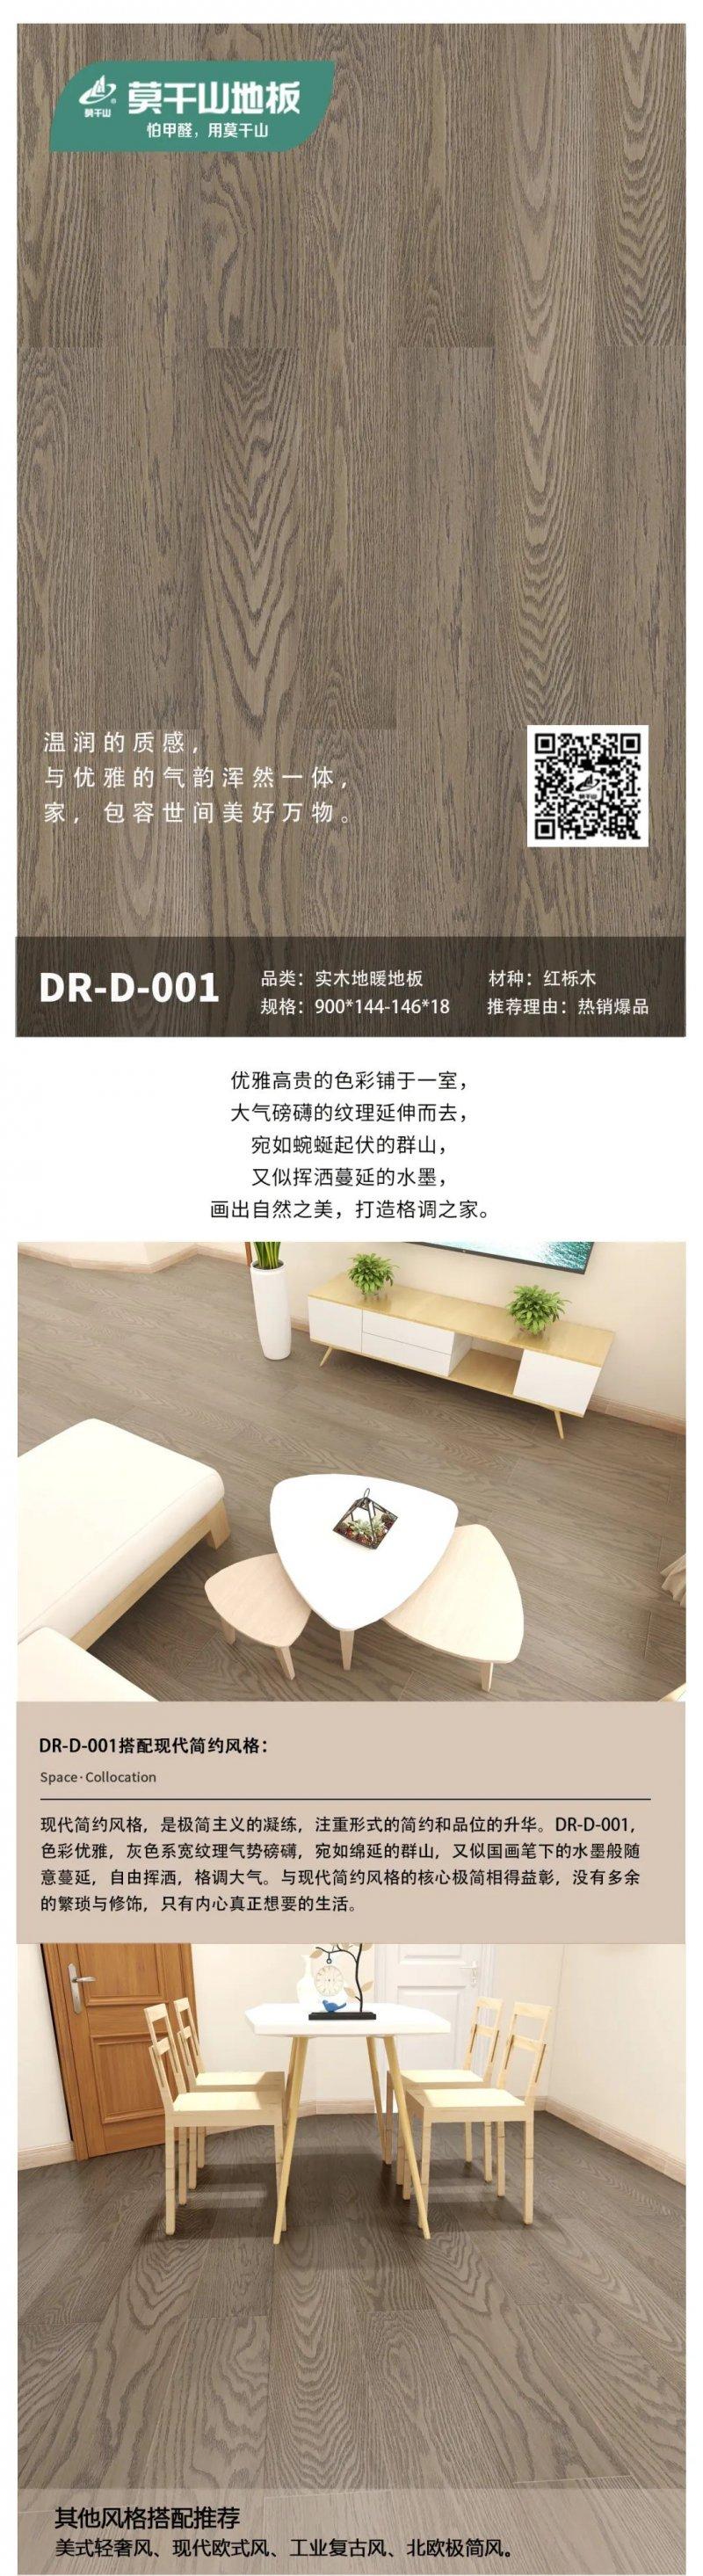 莫干山地板产品-实木地暖地板系列DR-D-001